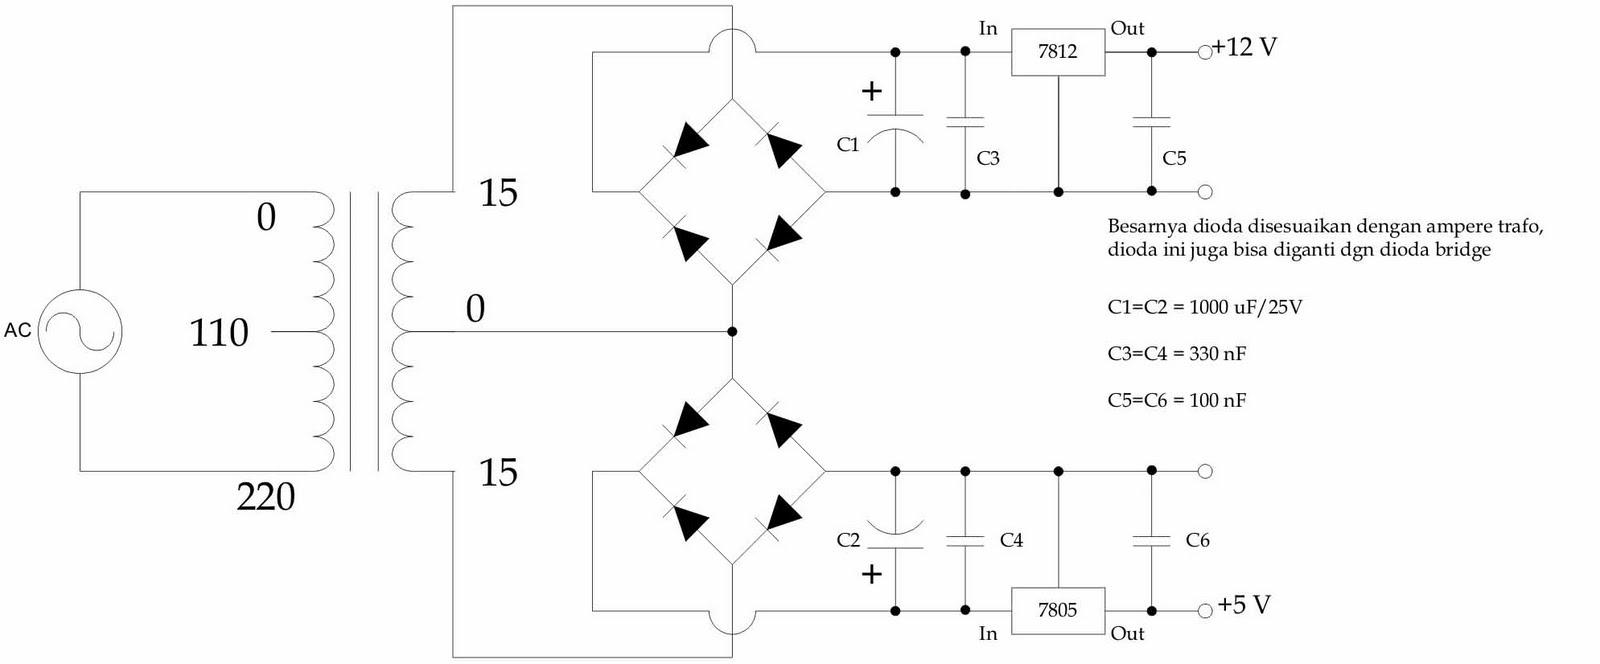 My Room  Schematic Diagram Power Supply Dual Output  12v  U0026 5v